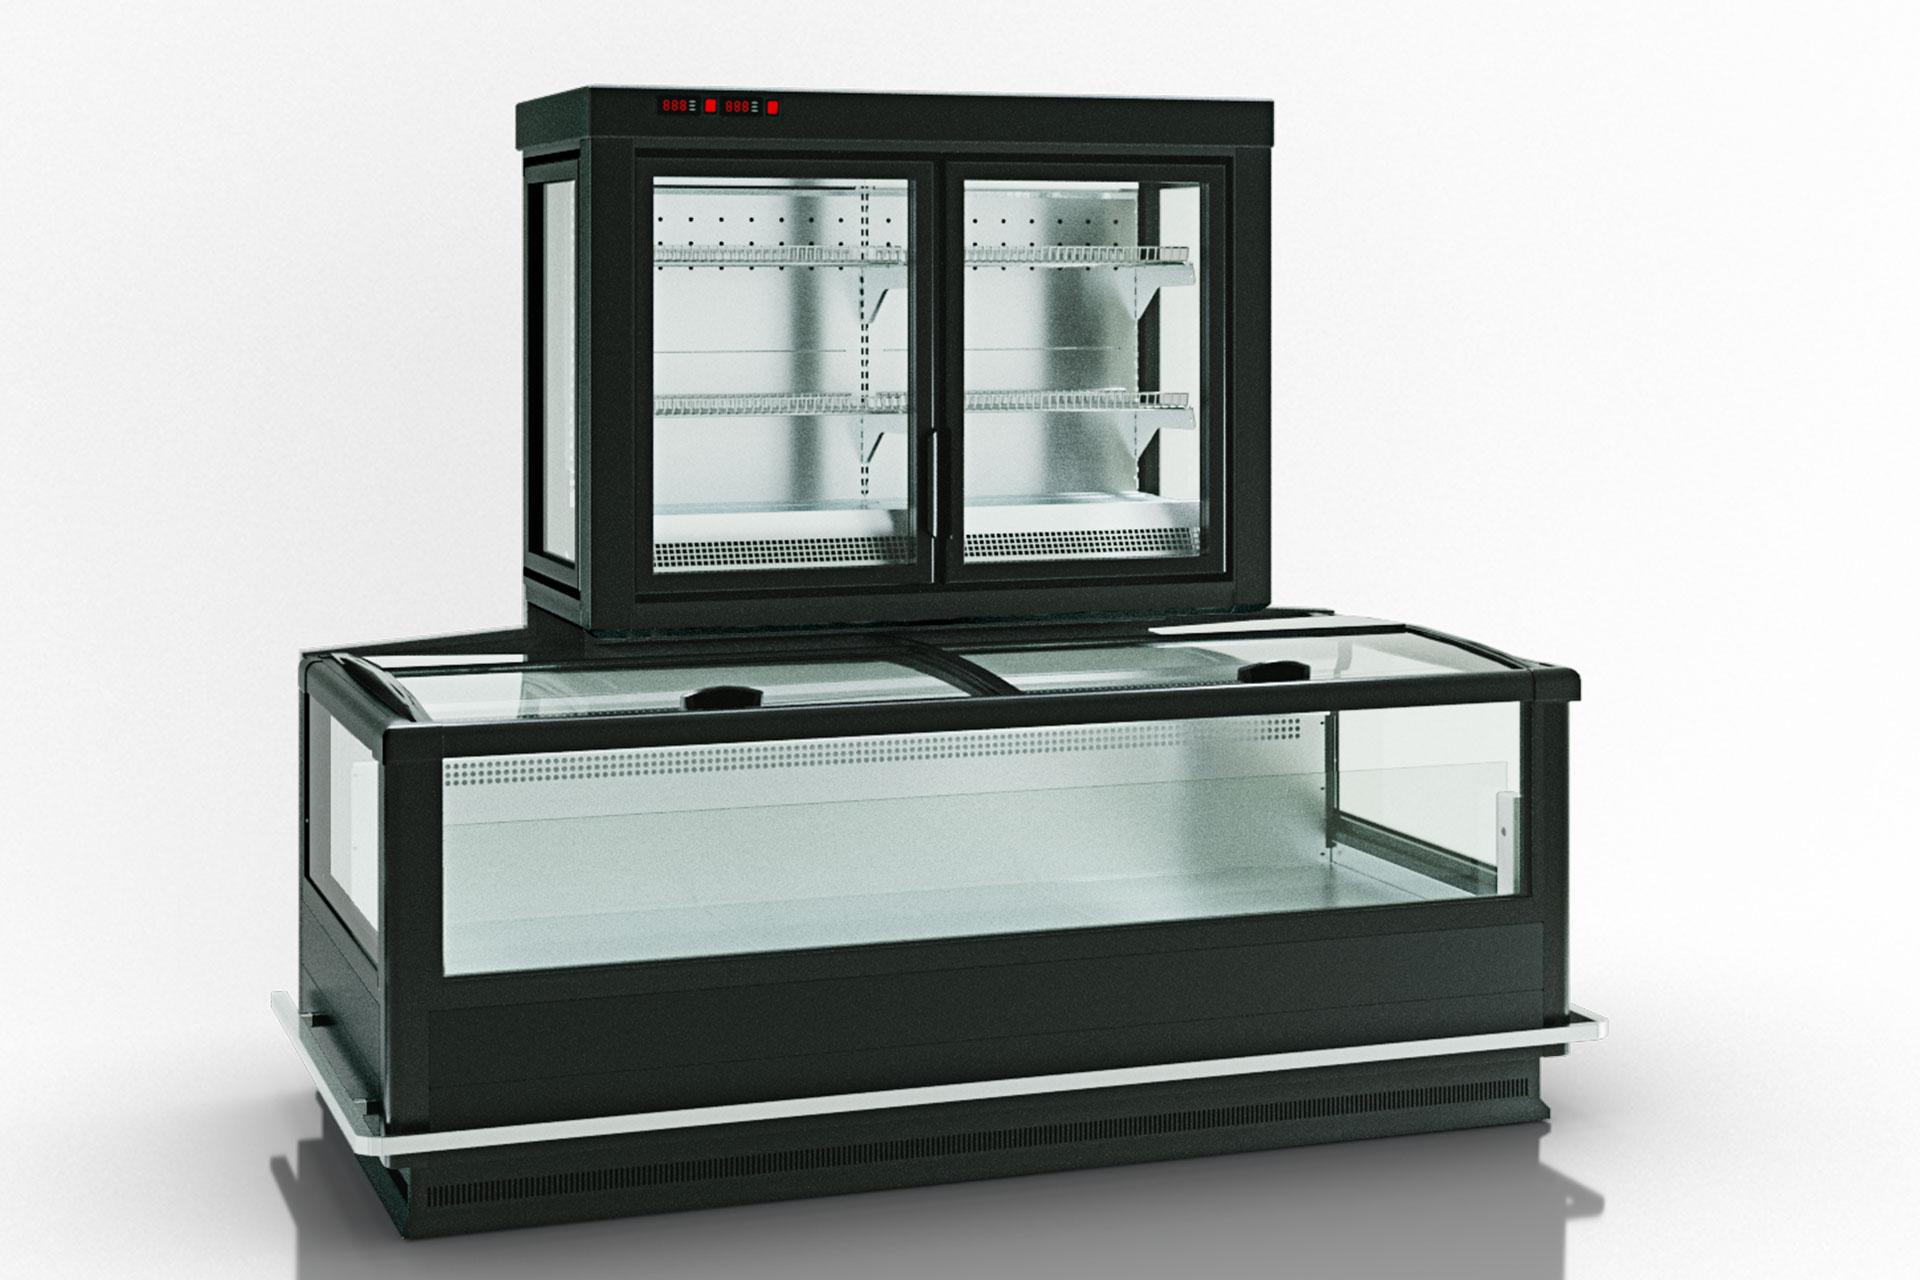 Витрина для замороженных продуктов Alaska combi 2 MD MHV 110 LT D/C 200-DLM-TL